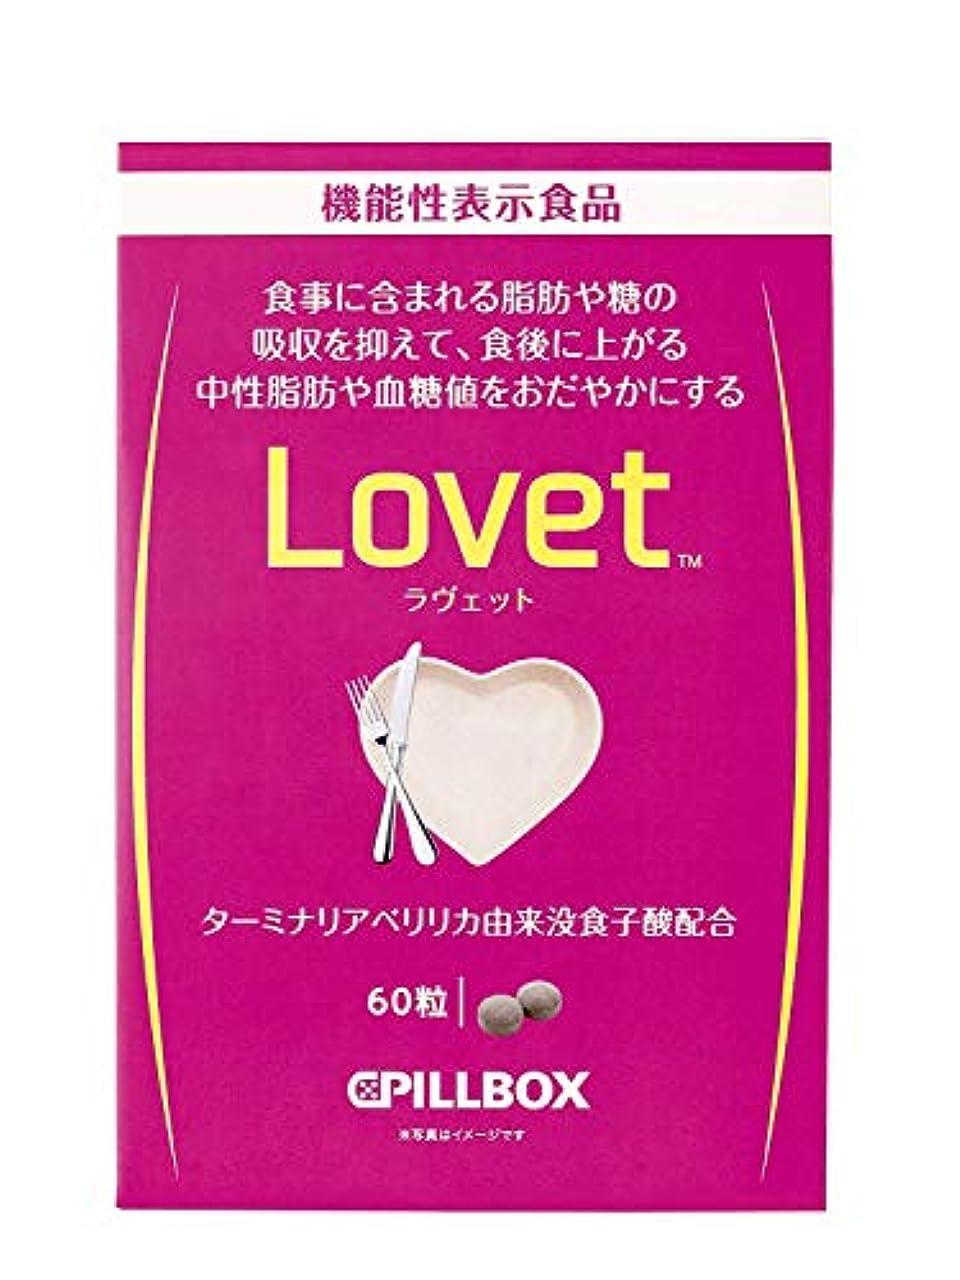 編集者外科医強風ピルボックス Lovet(ラヴェット)60粒 3個セット